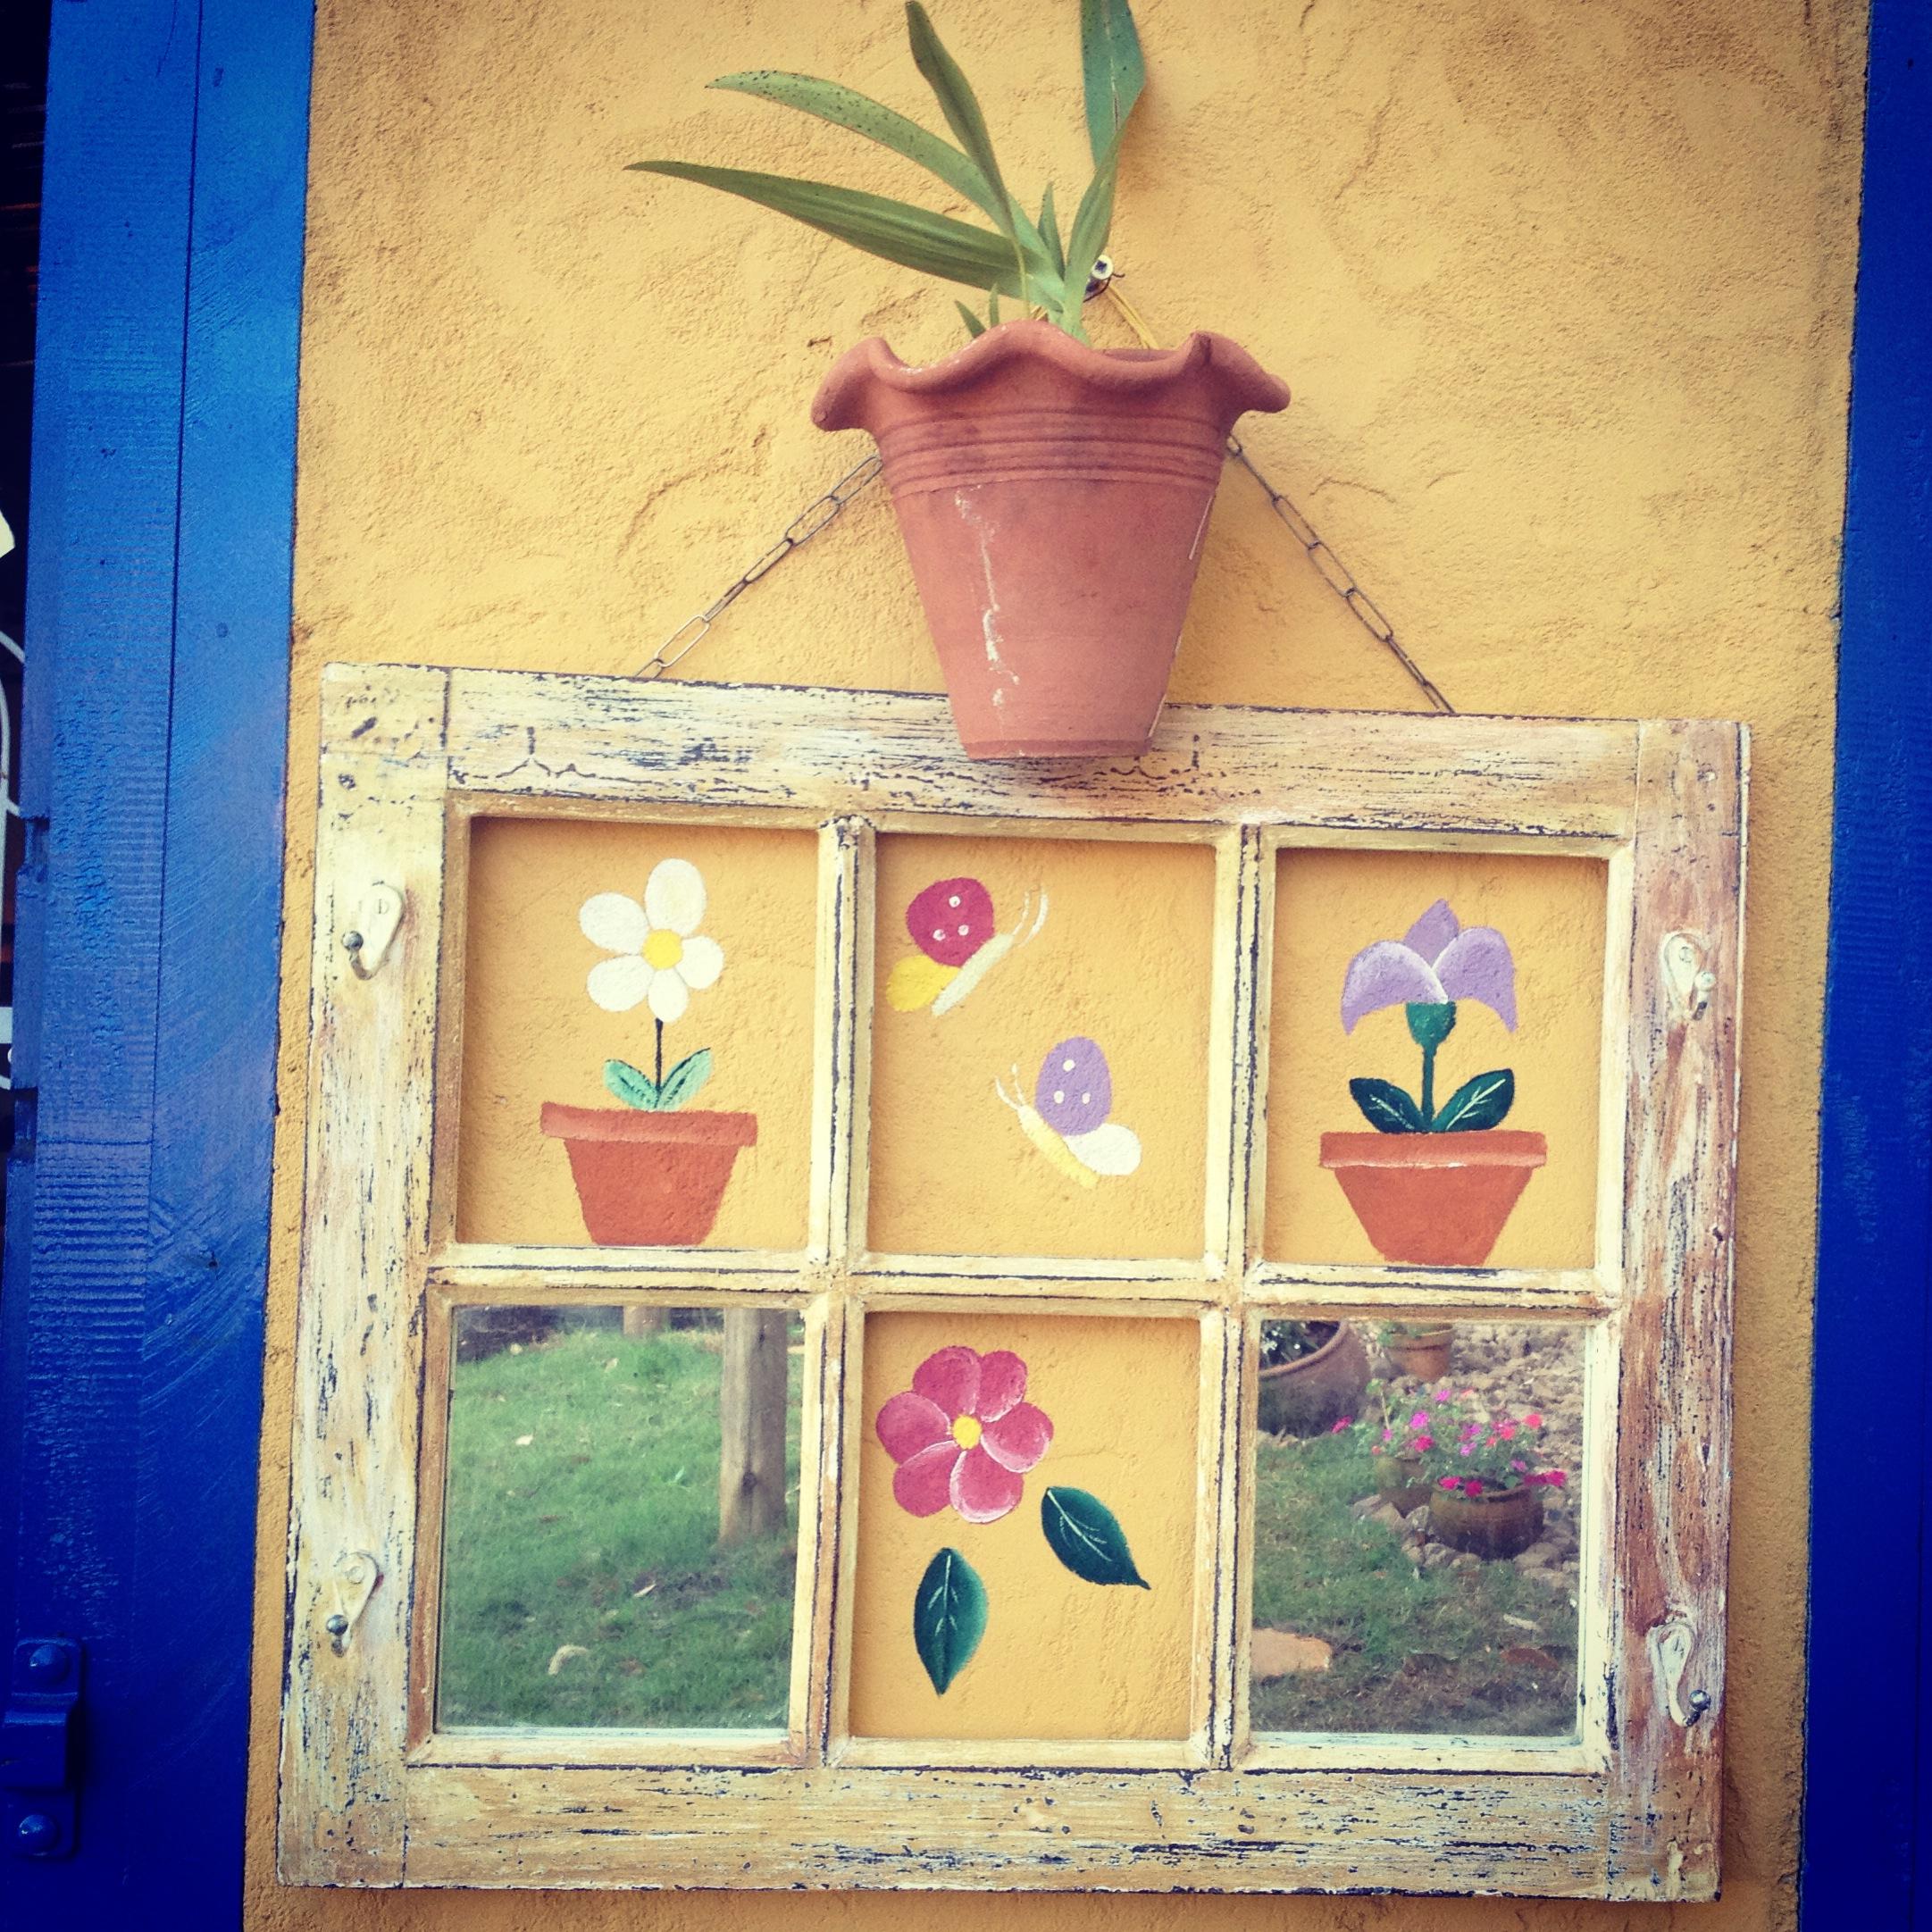 #072189 Novidades do Provence Casa e Café [2] – minha casa minha lida 128 Janelas De Vidro Fortaleza Ce